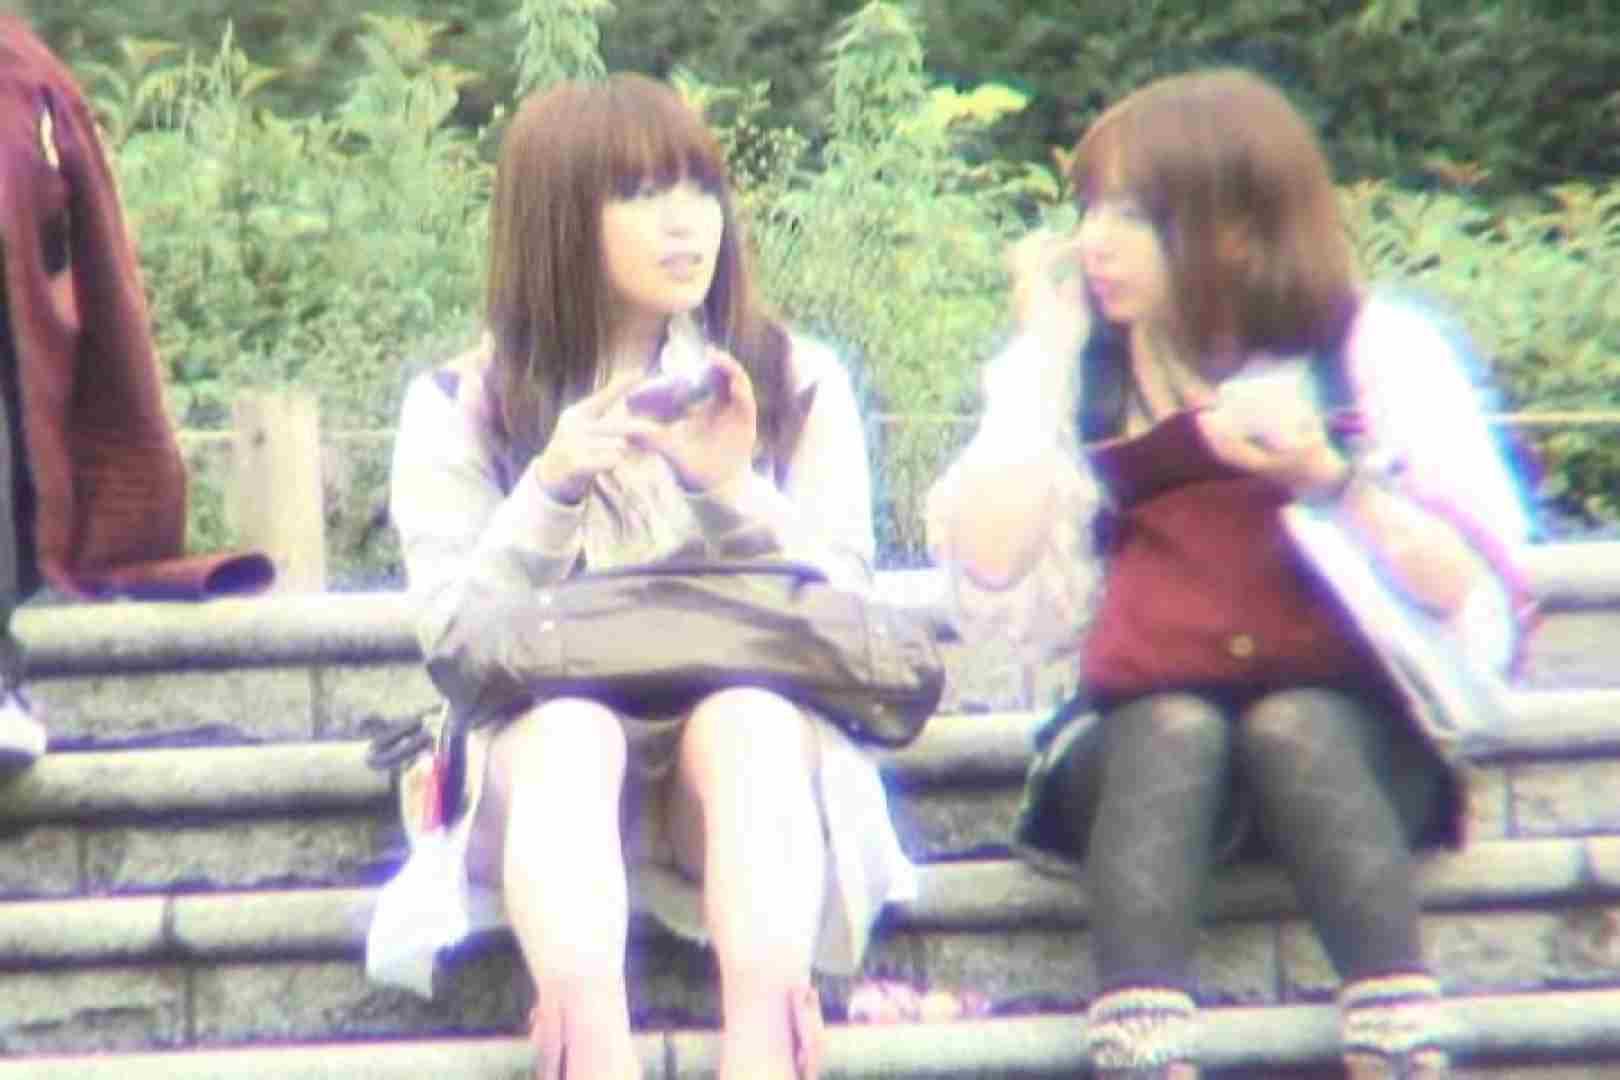 超最新版!春夏秋冬 vol.04 パンティ おまんこ無修正動画無料 87連発 5